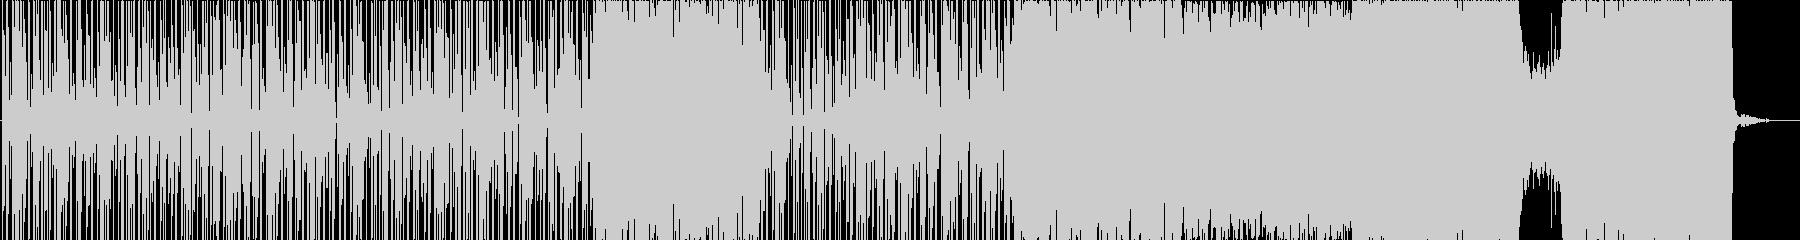 GAIAの未再生の波形